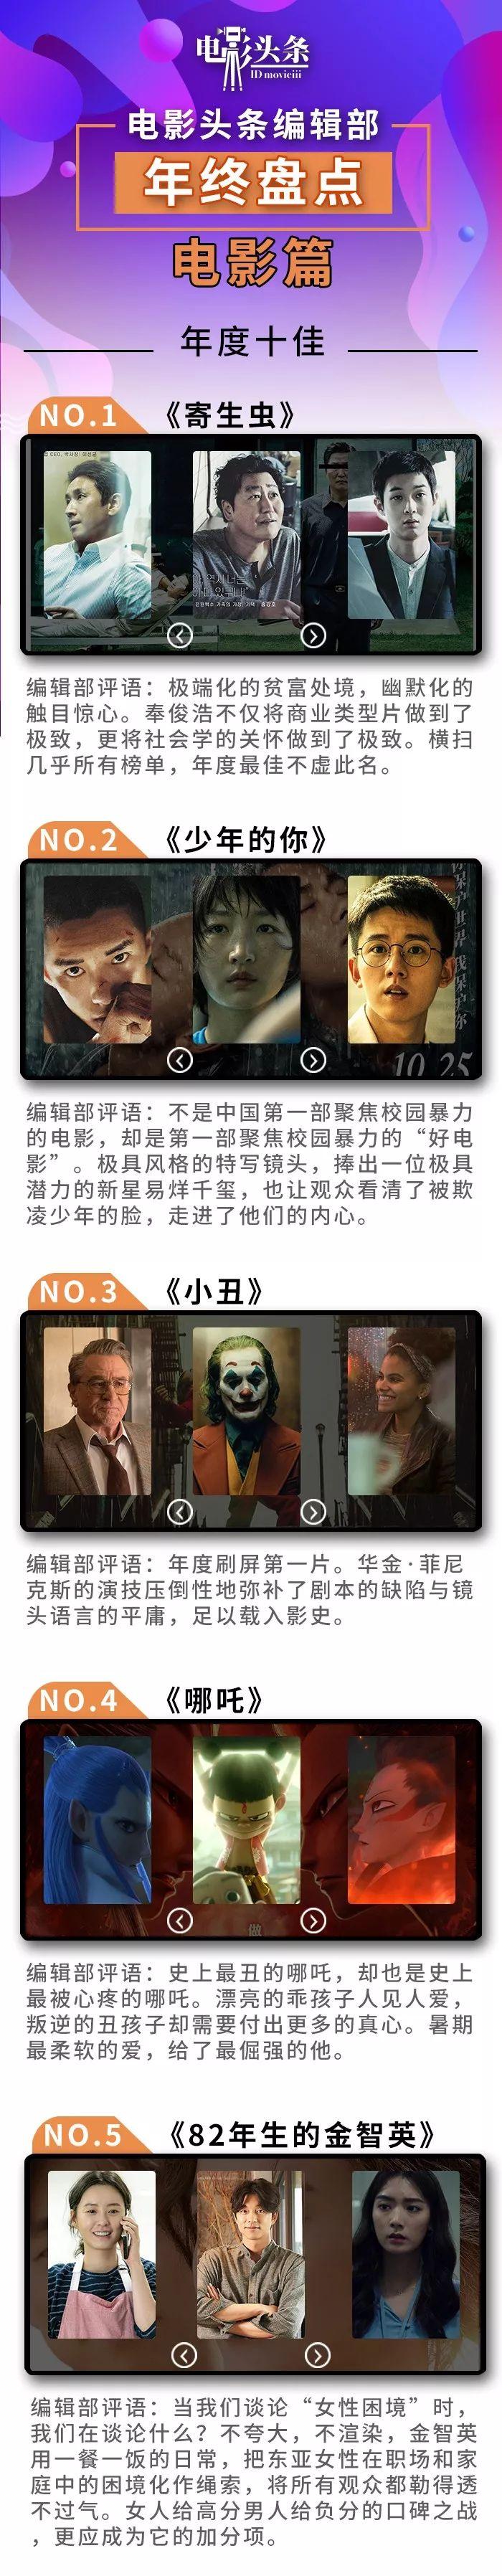 鄧超艾倫岳云鵬,跪求別再糟蹋電影了!